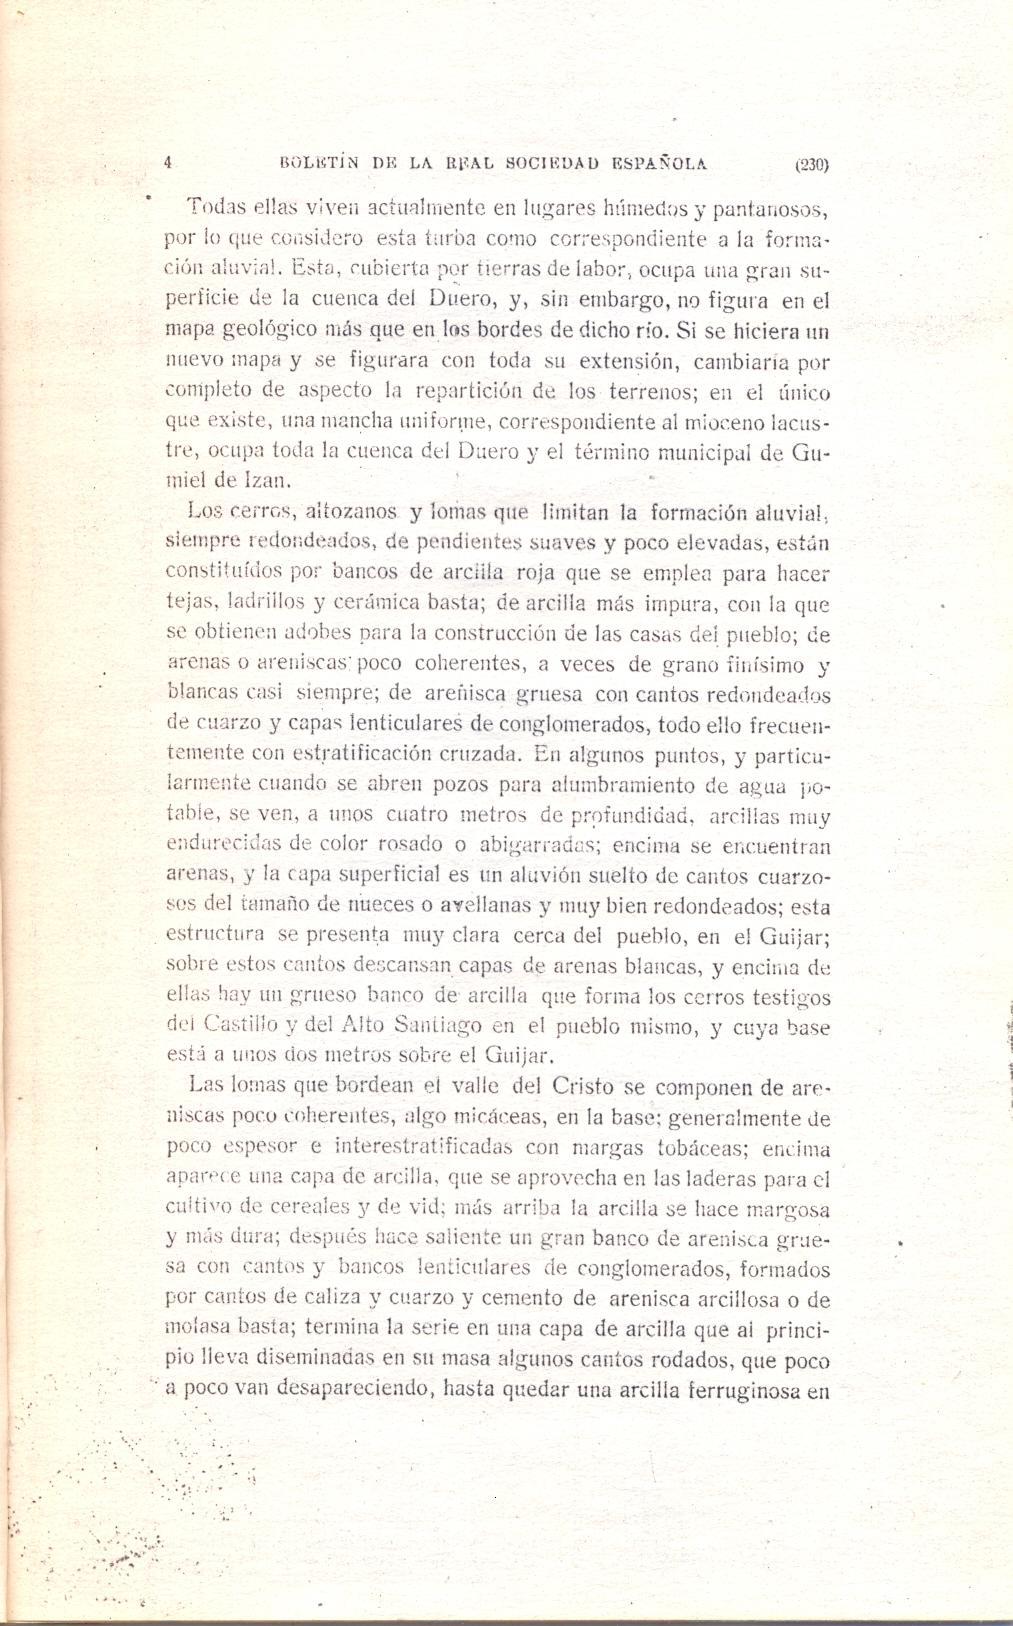 Página 4 del artículo sobre la turba